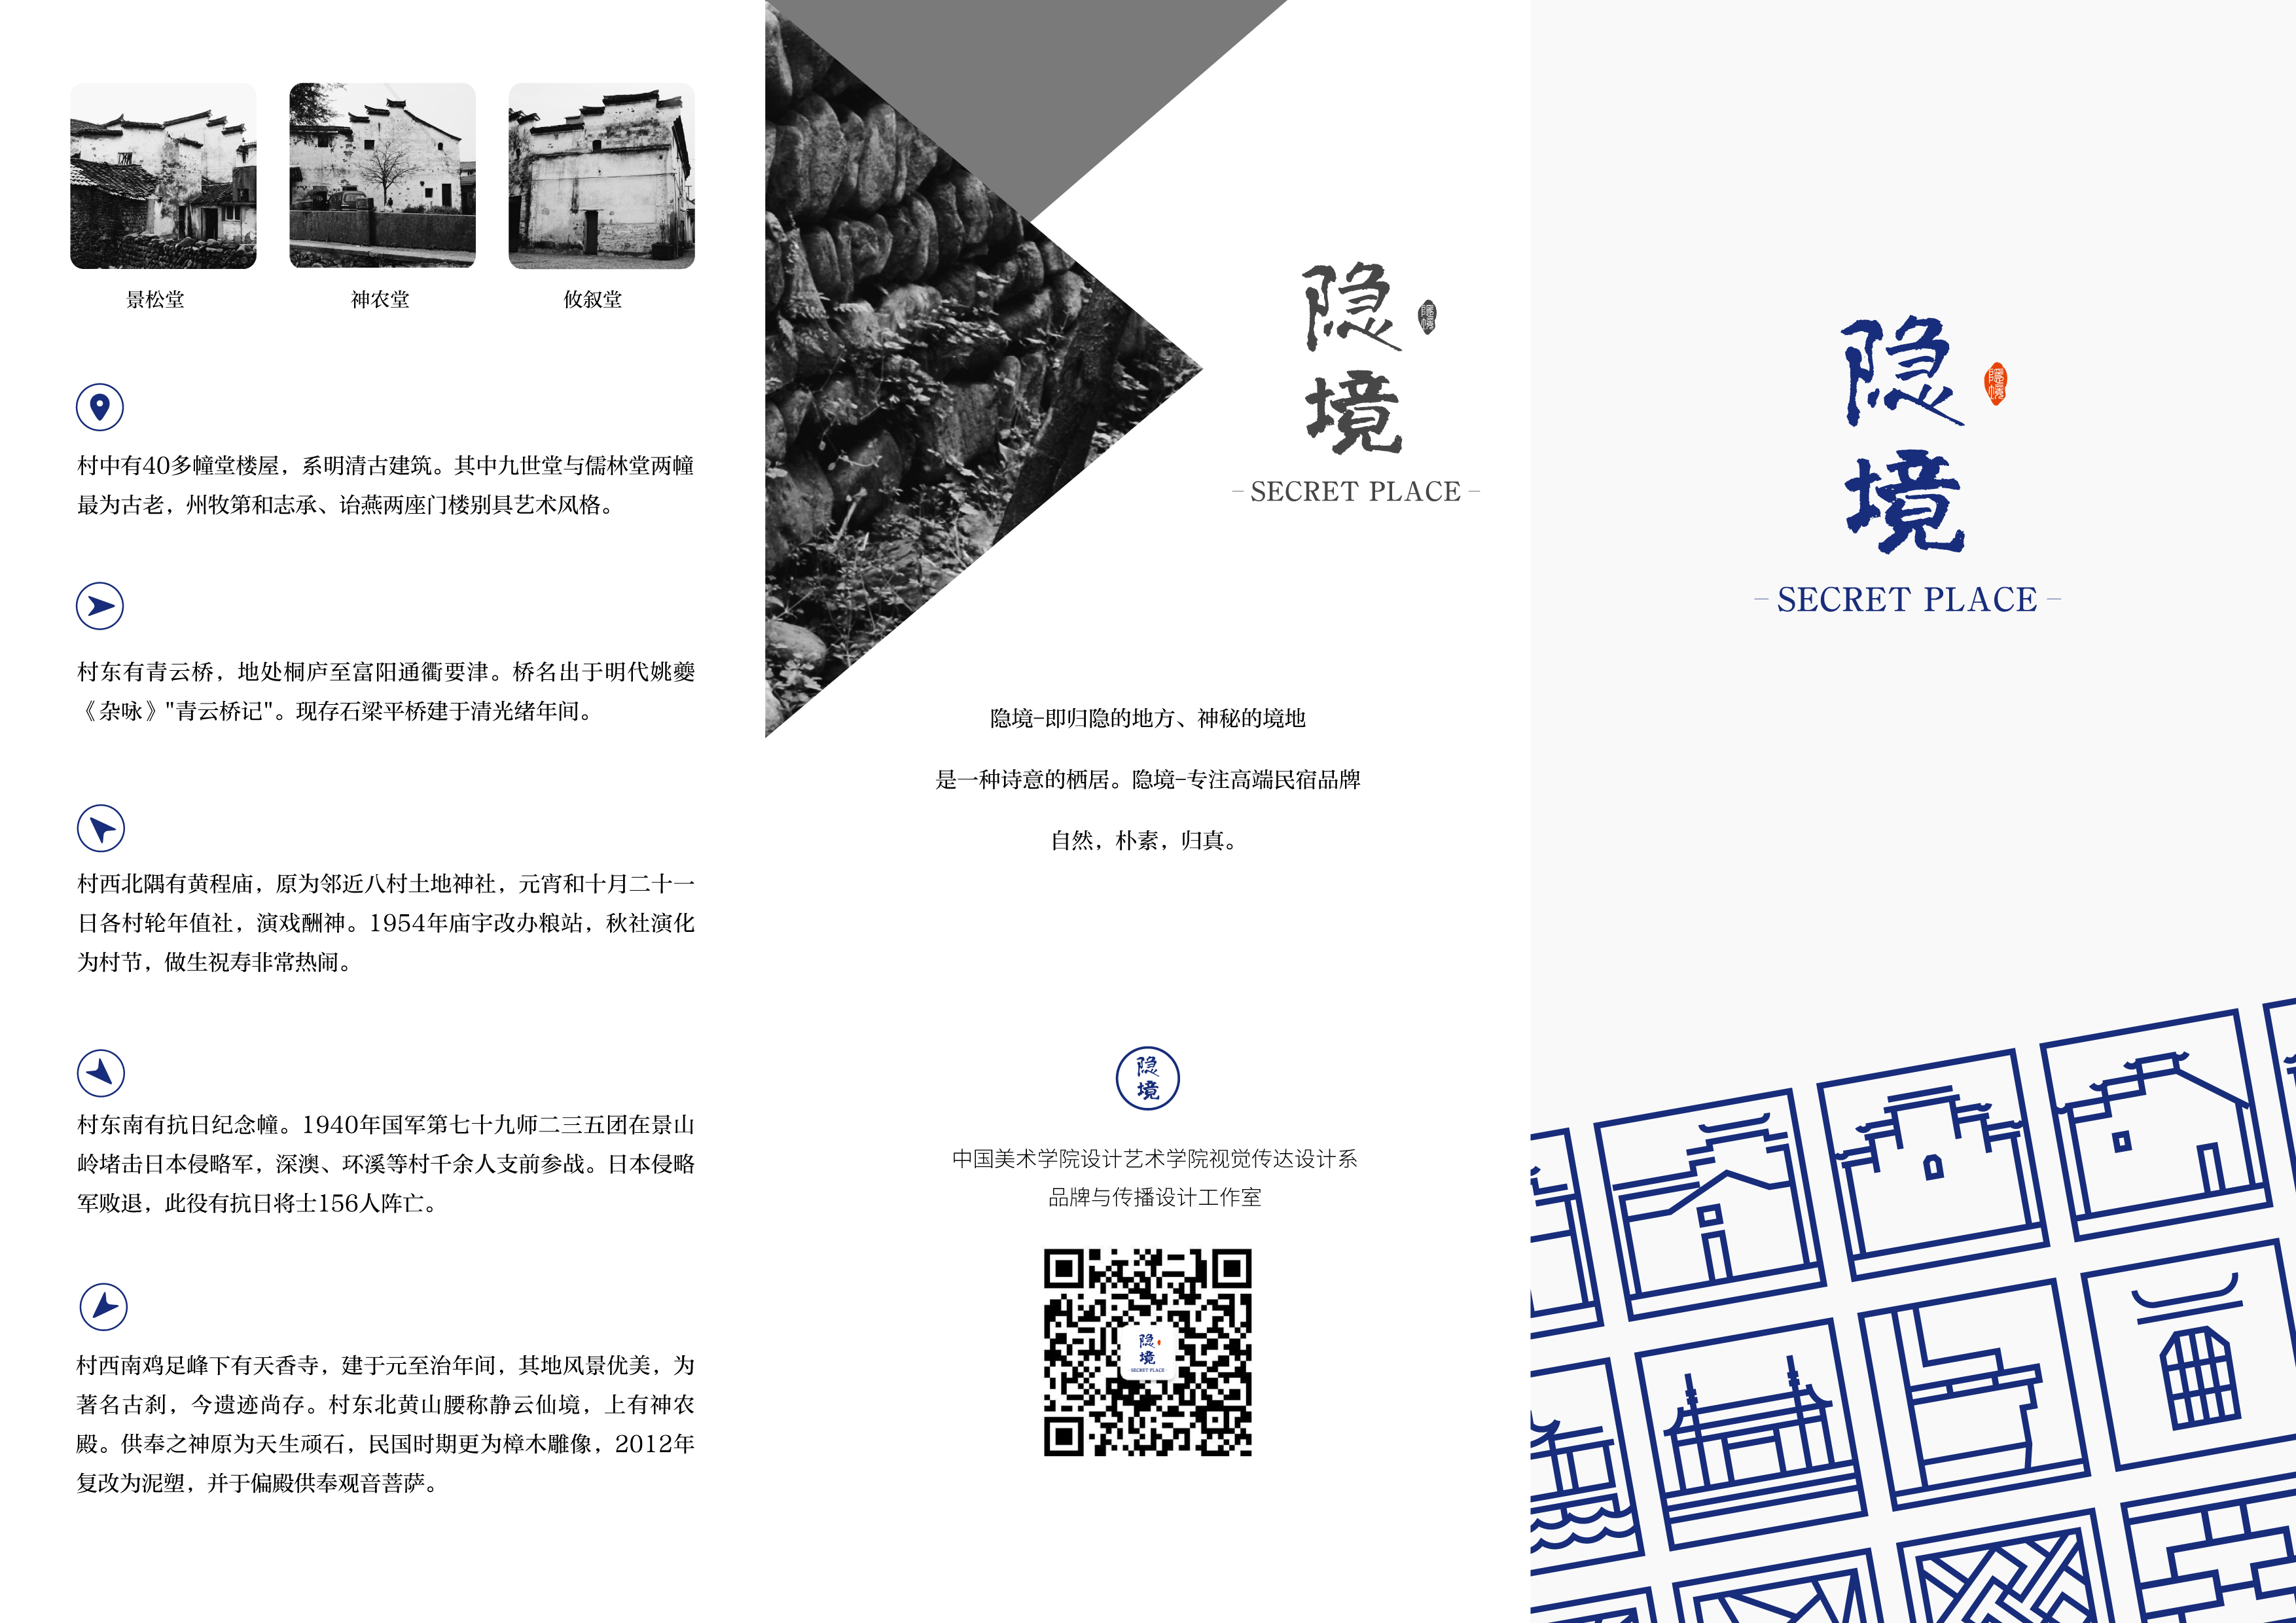 隐境-民宿品牌形象设计整合图片